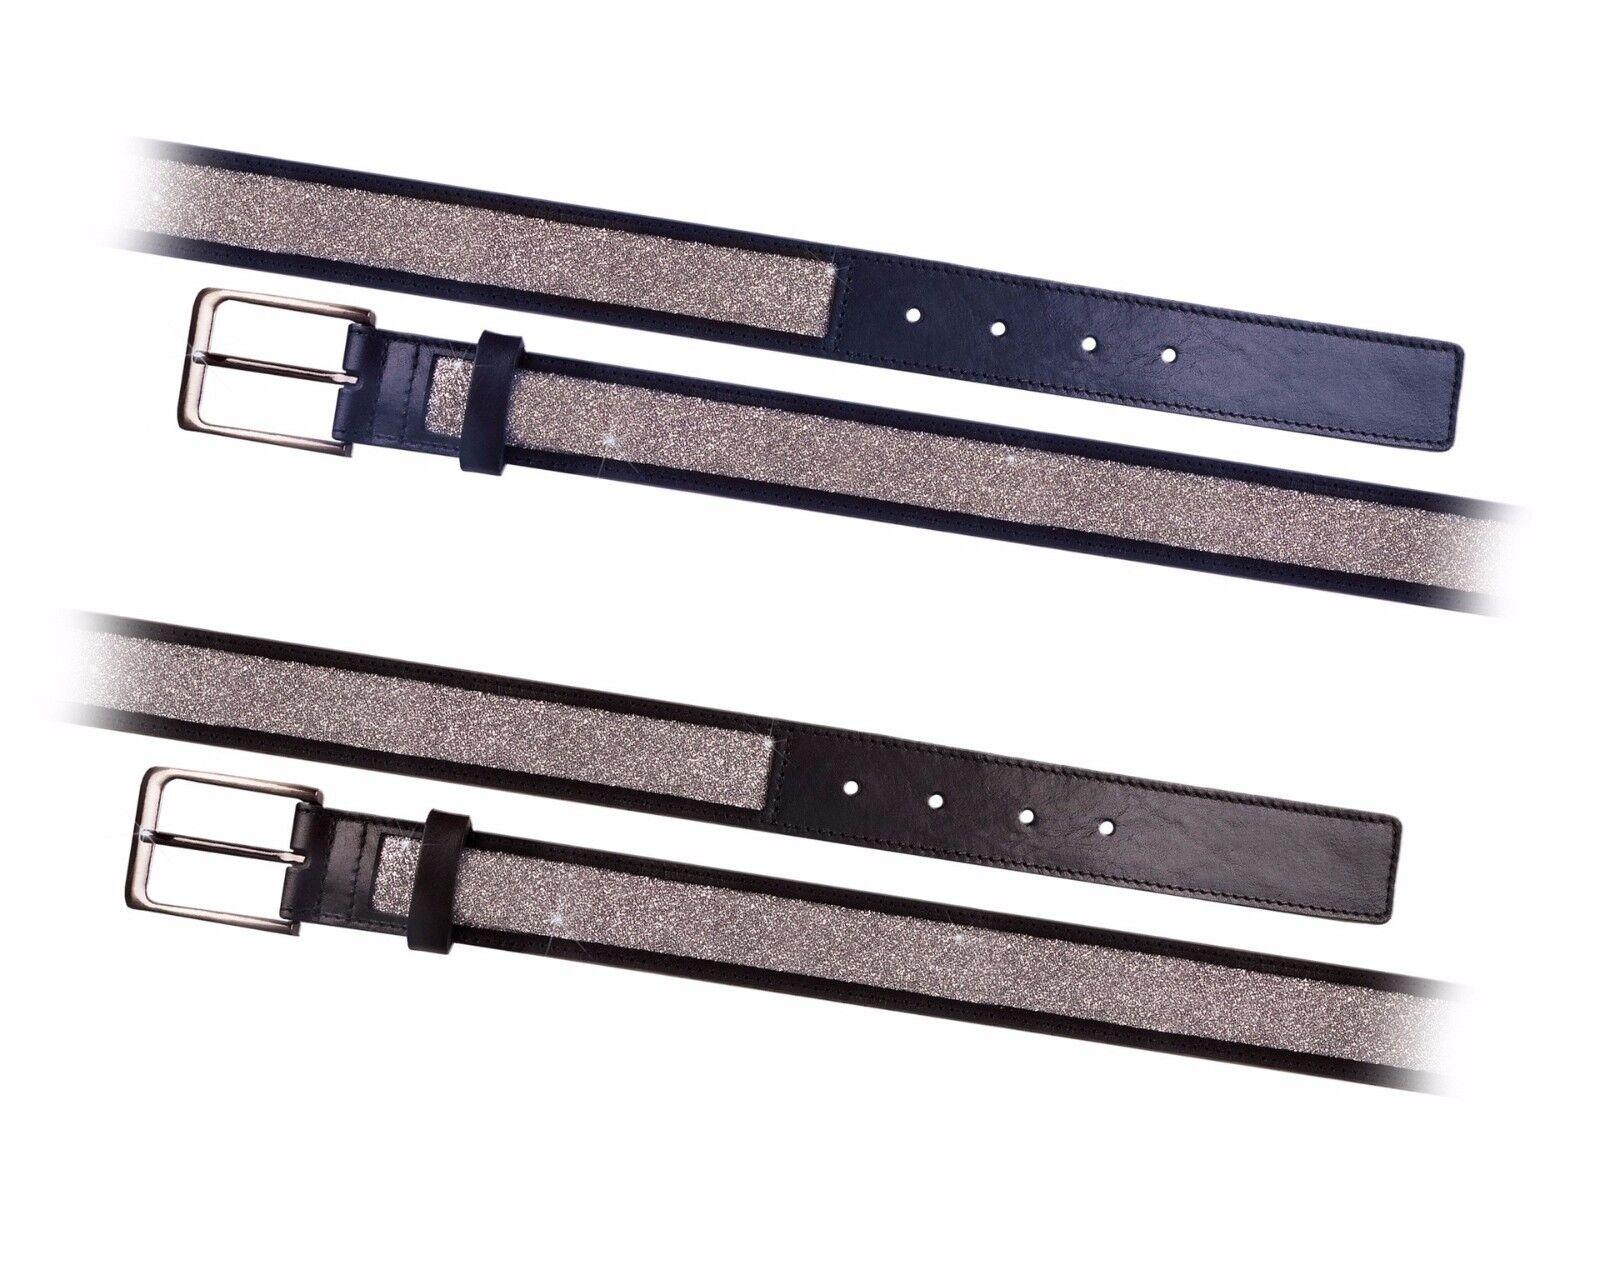 Fair Play cinturón cinturón de cuero para reithose tunierreithose con con con brillo en negro  ¡No dudes! ¡Compra ahora!